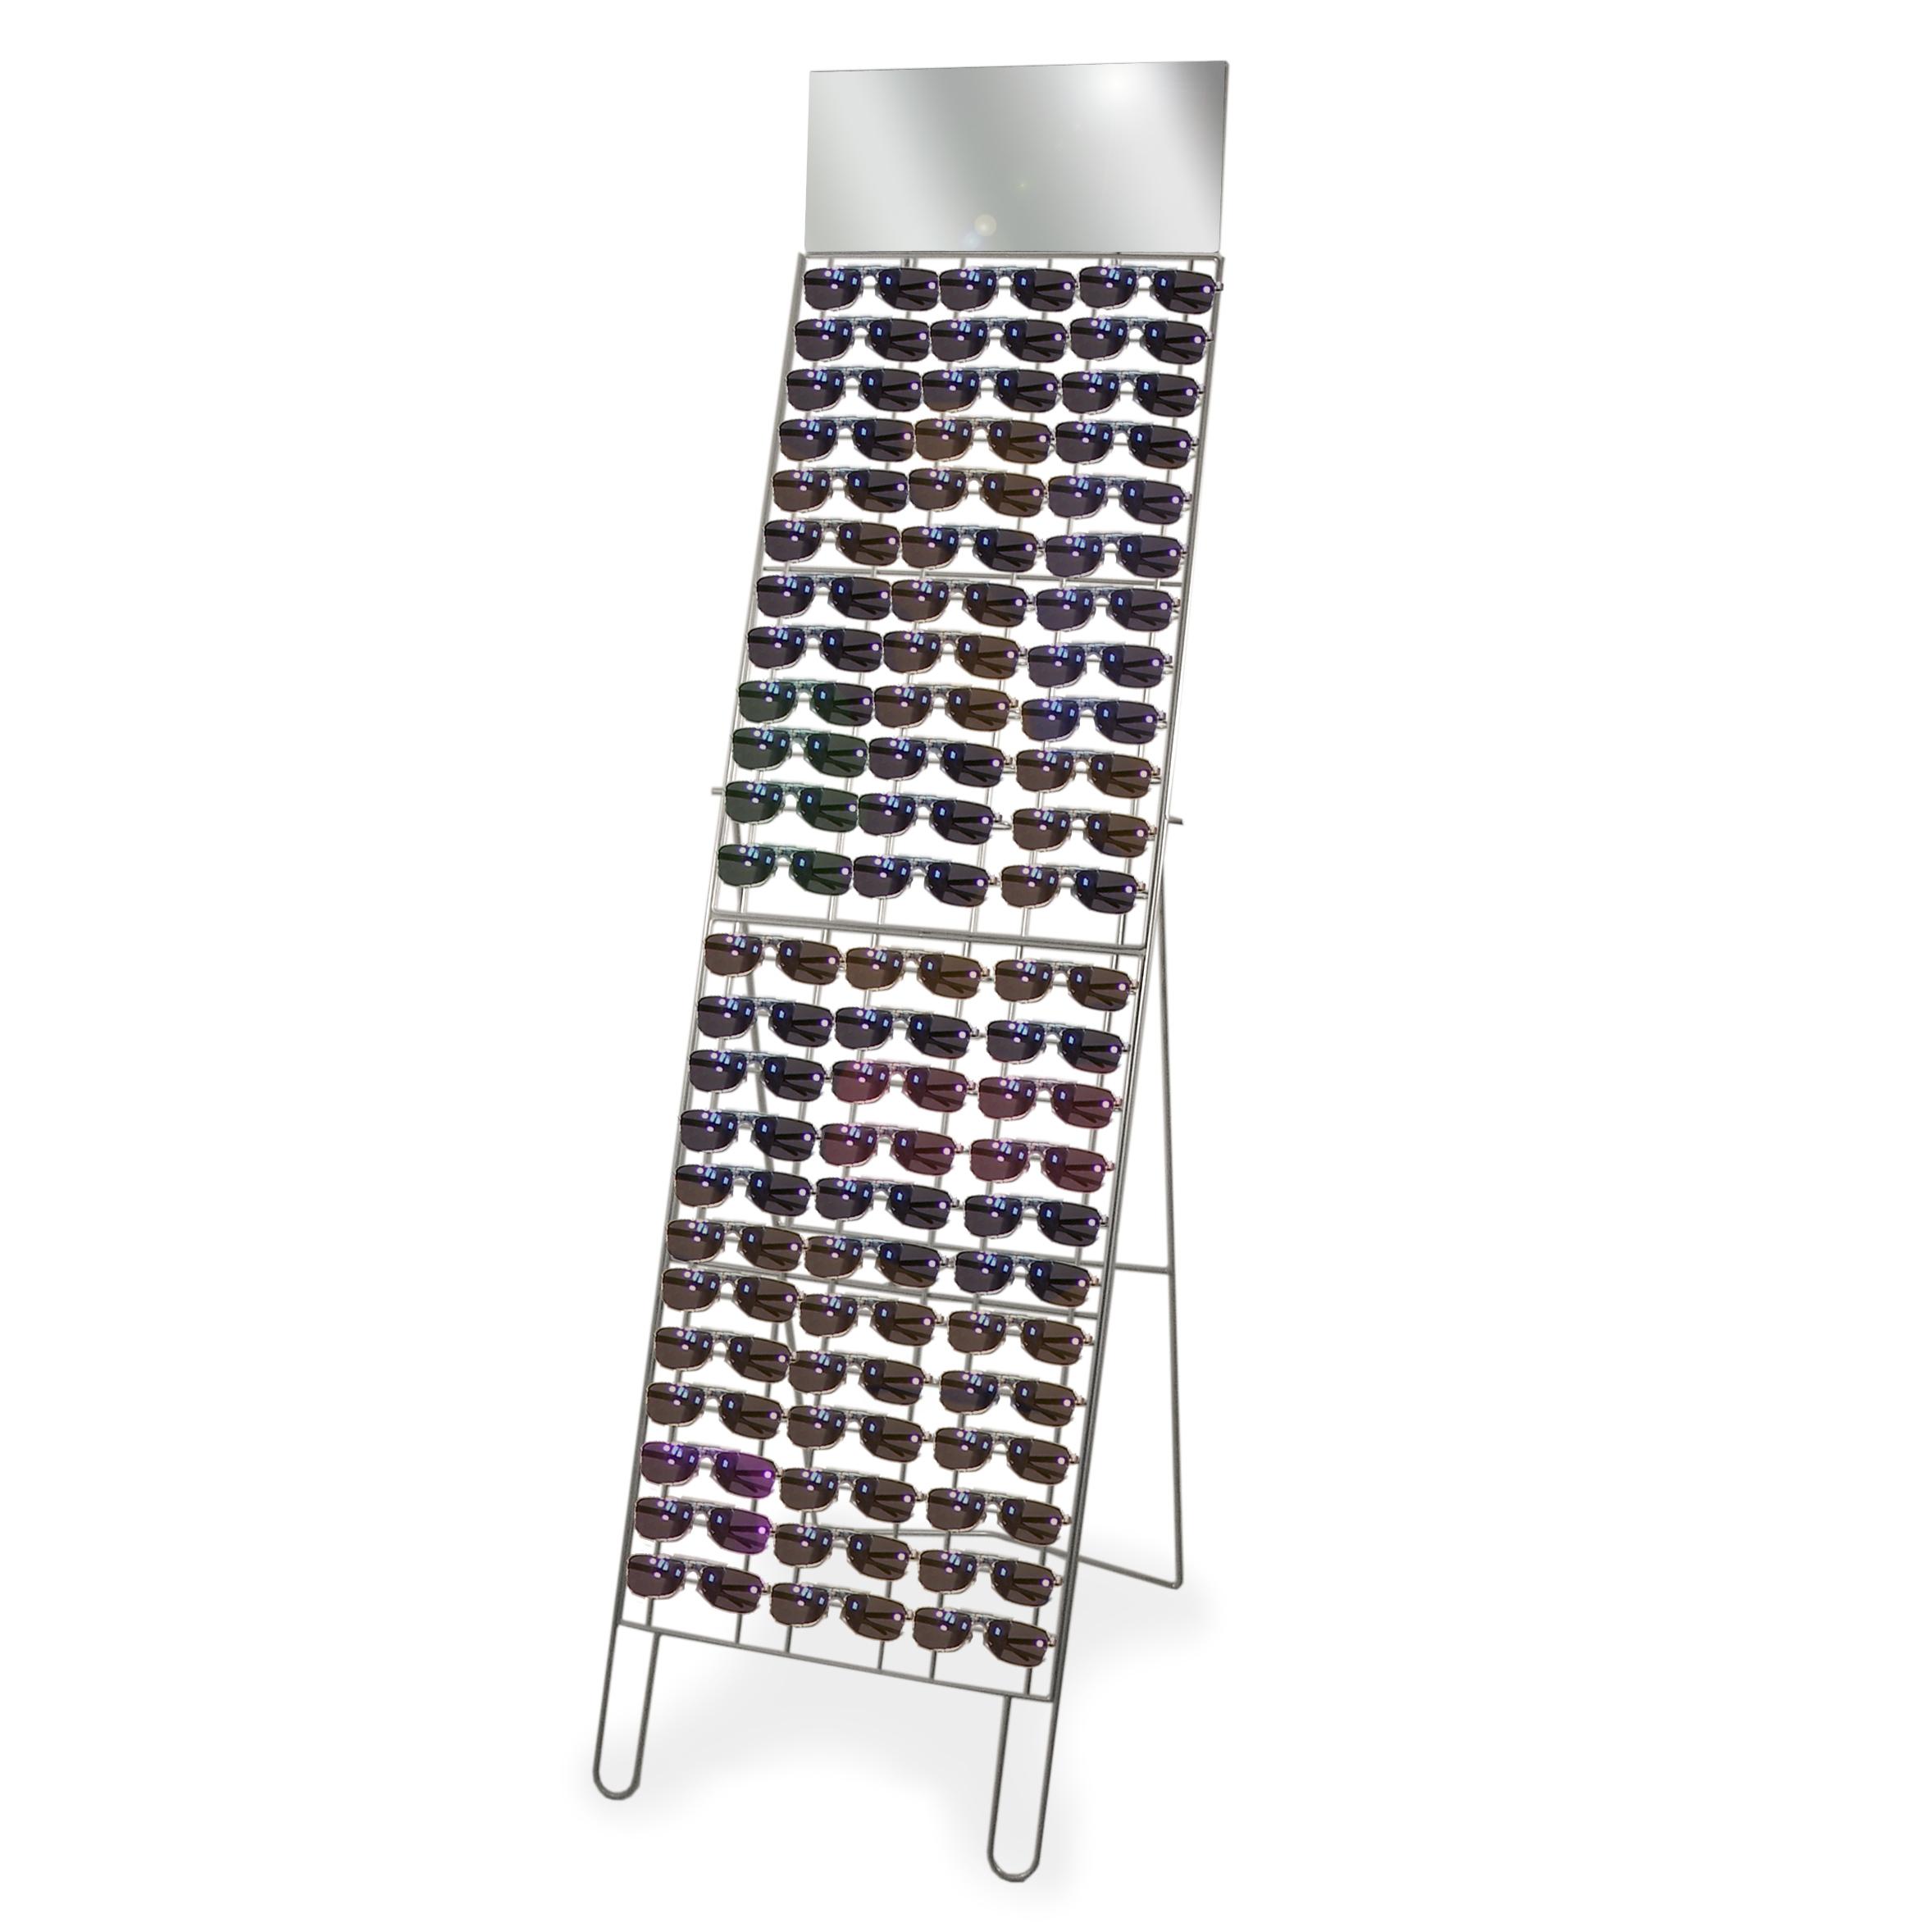 Brillenständer für 72 Brillen-308 072